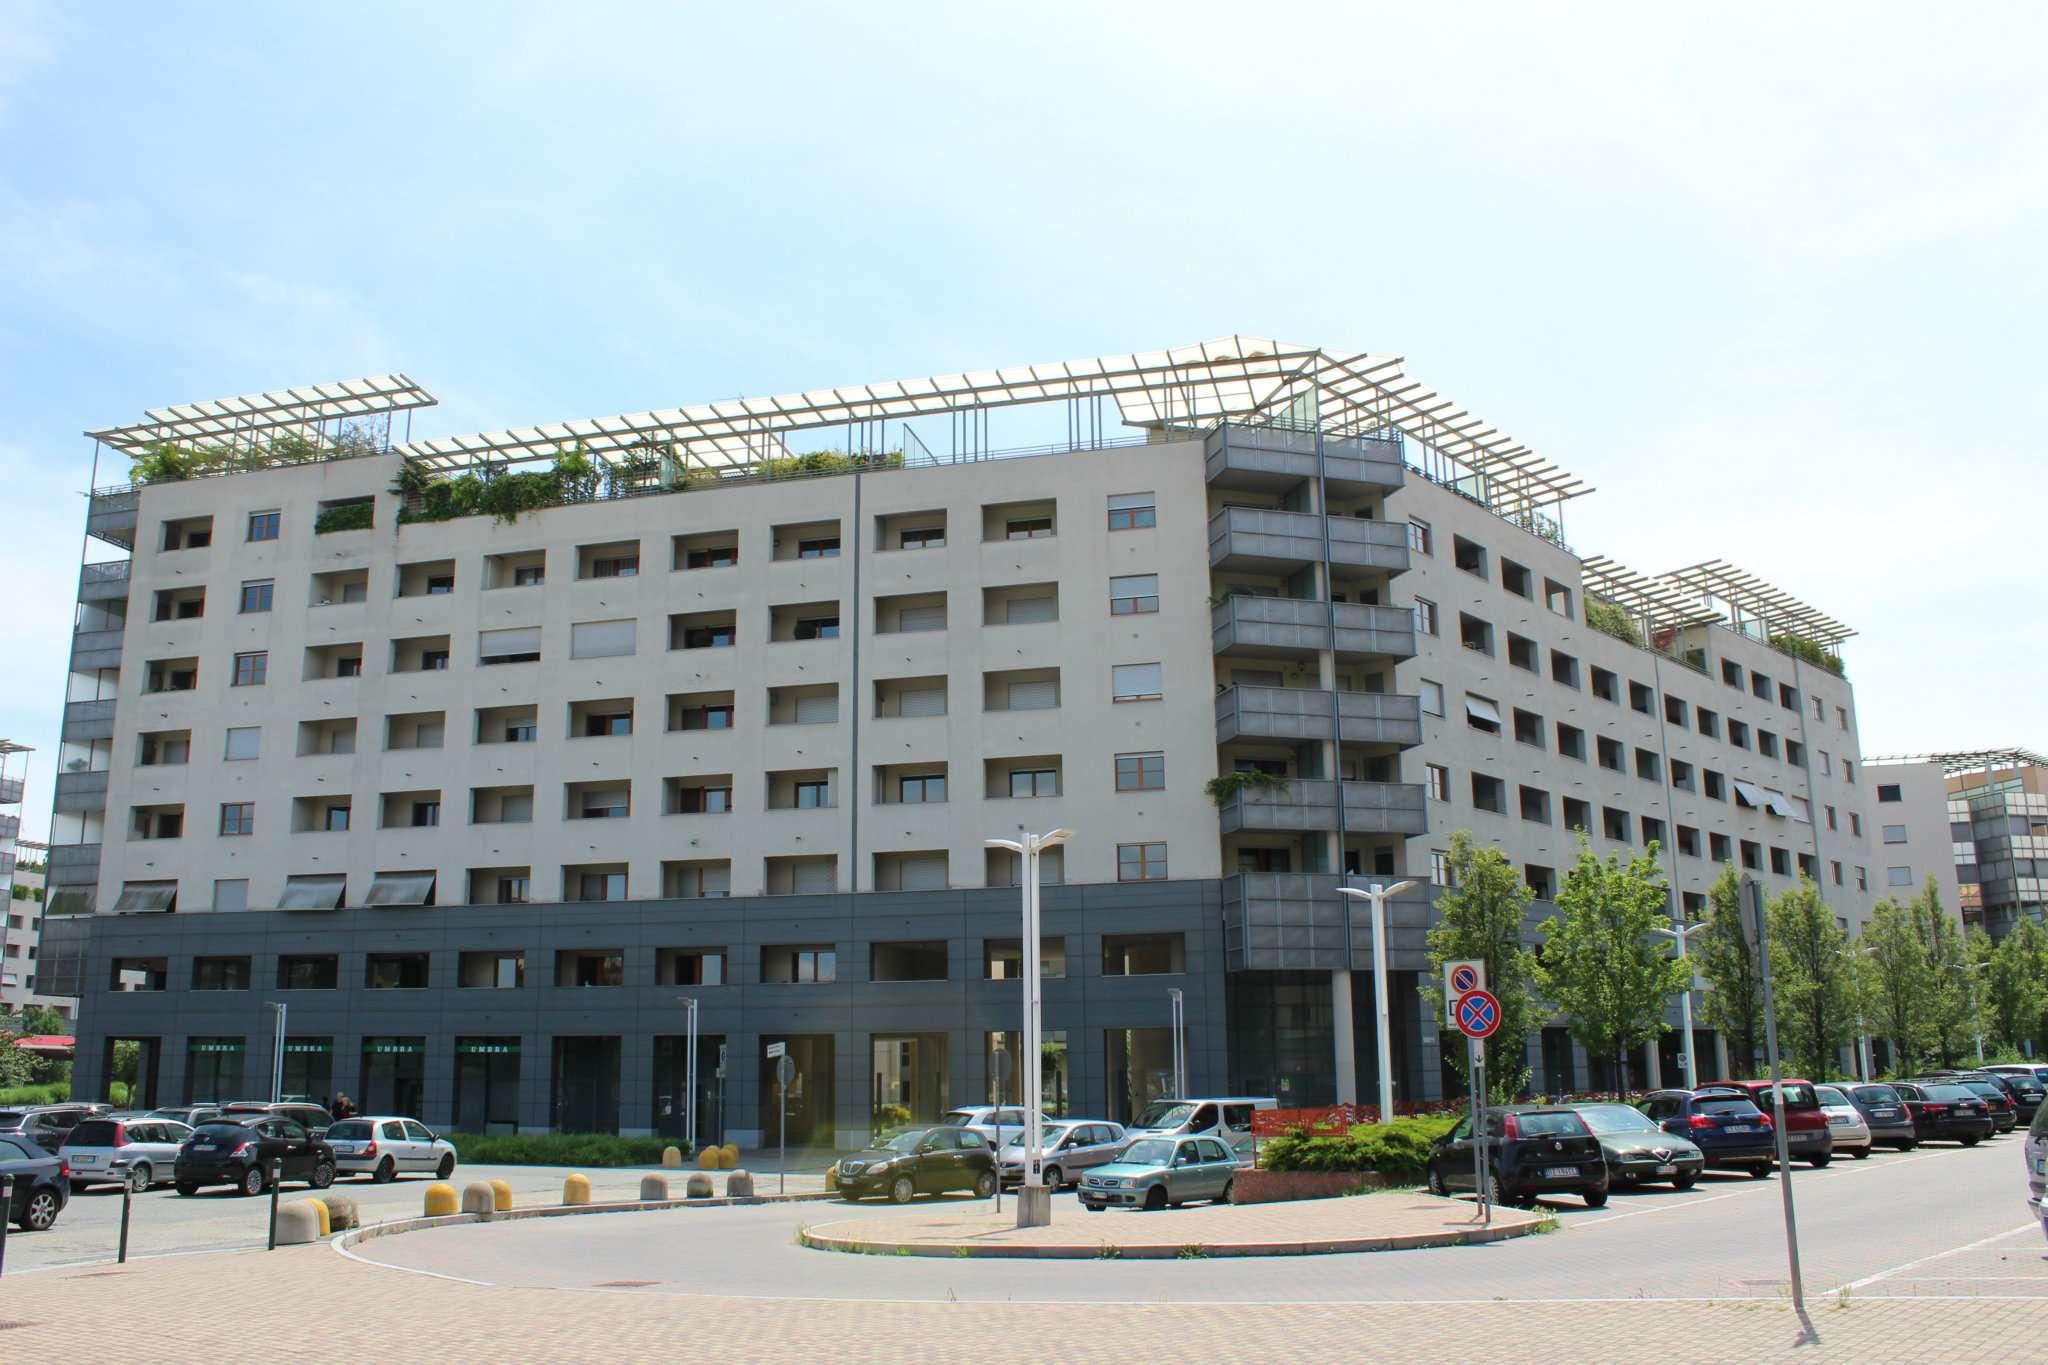 Immagine immobiliare Appartamento parco Crocetta Nell'elegante complesso